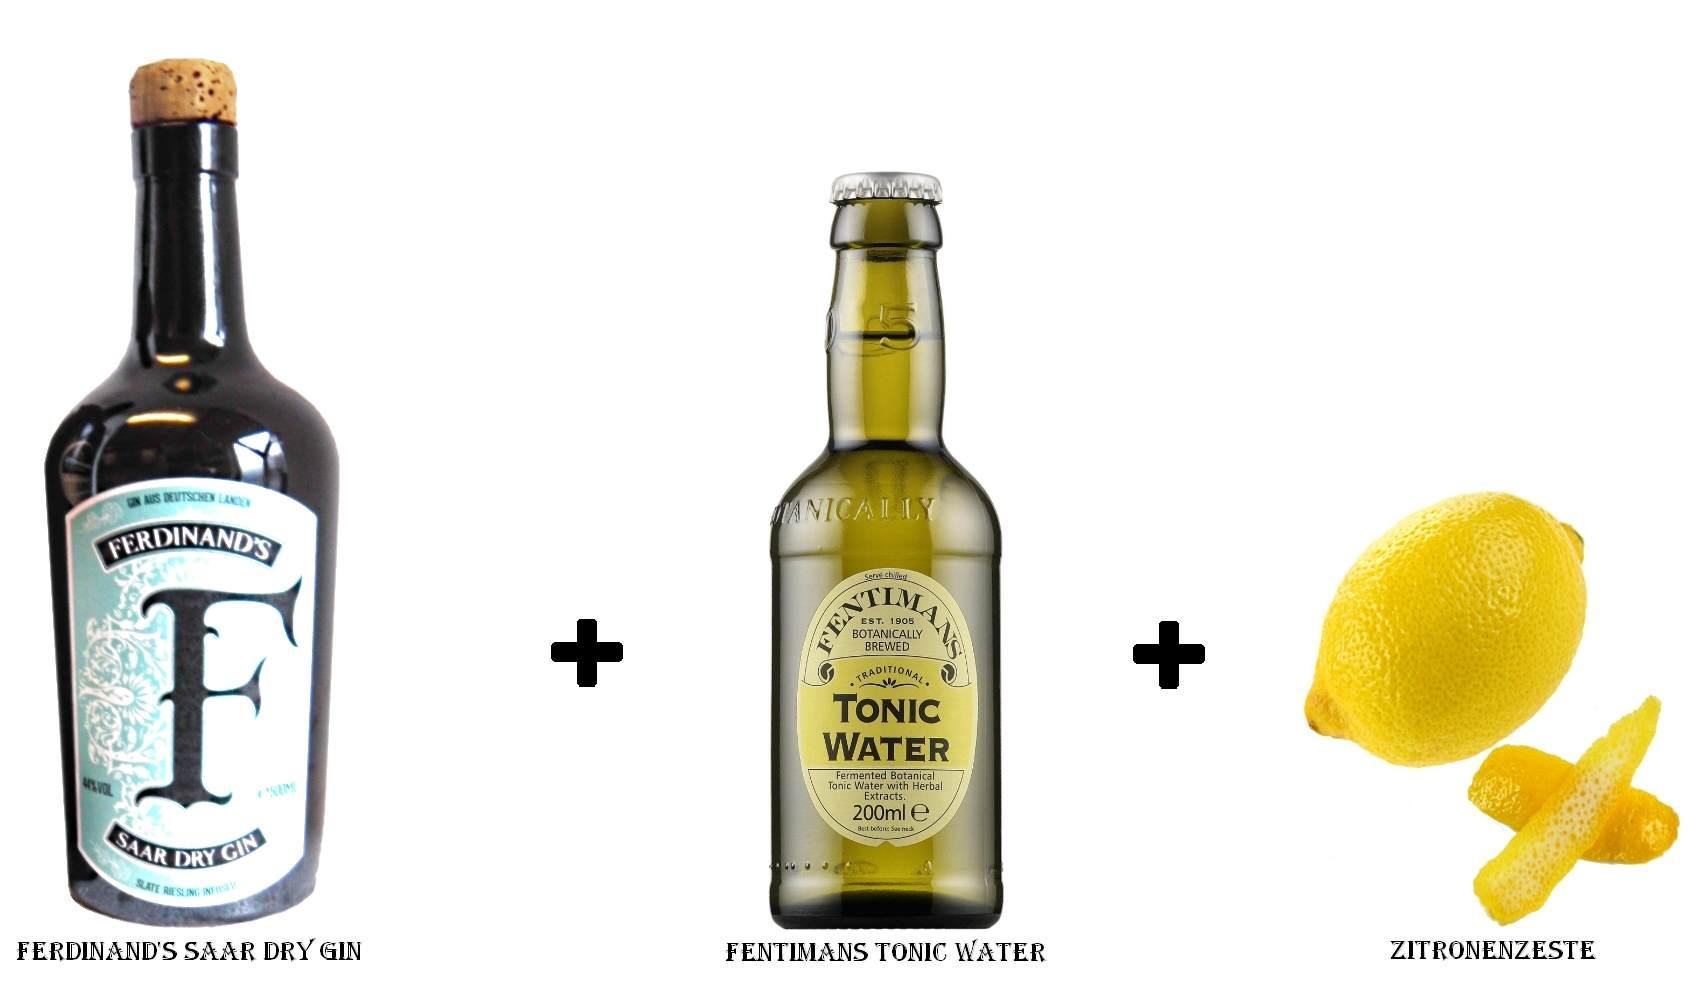 Ferdinand's Saar Dry Gin + Fentimans Tonic Water + Zitronenzeste